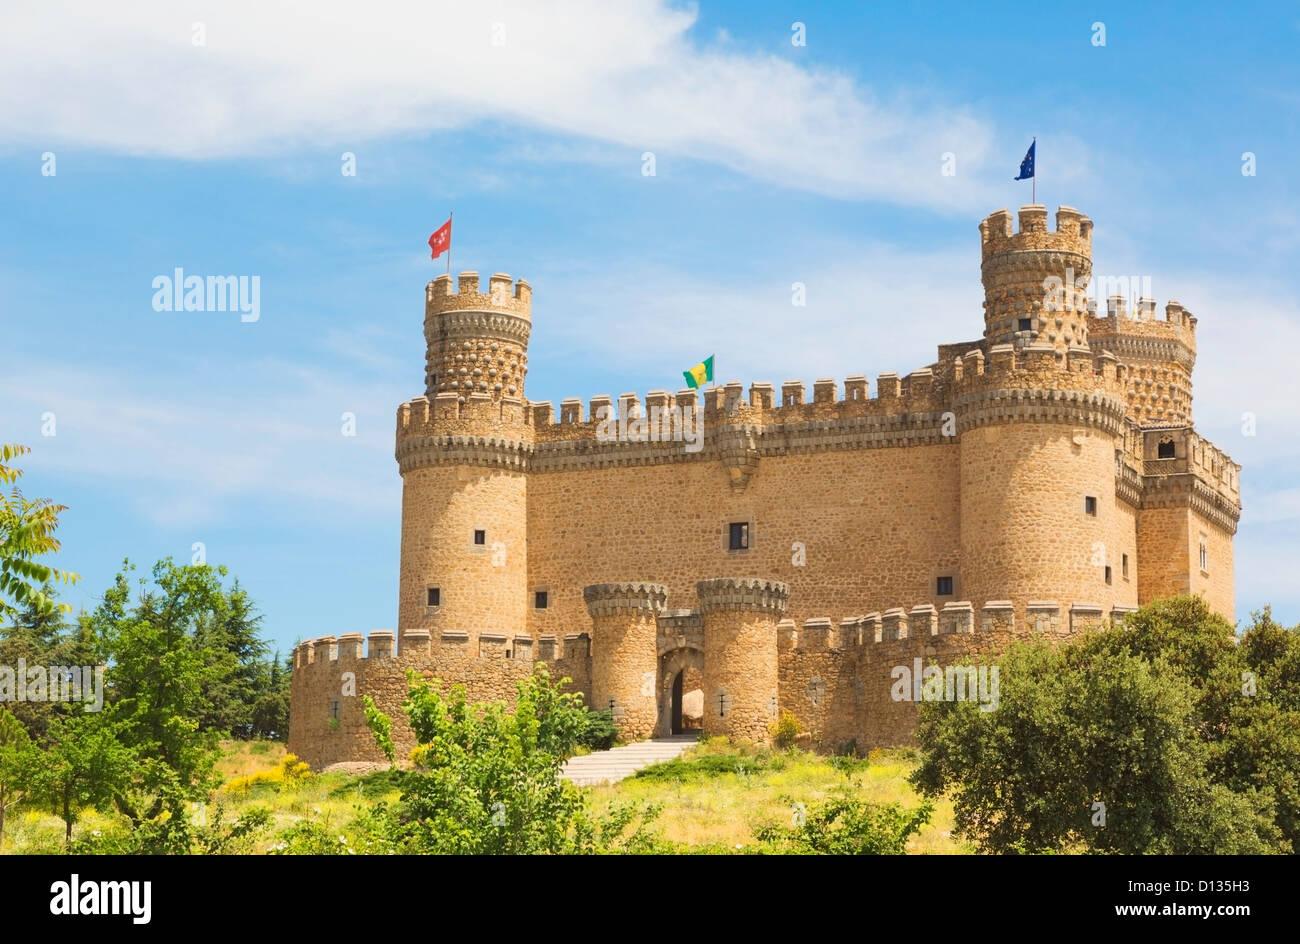 15Th Century Castle Of Los Mendoza; Manzanares El Real Comunidad De Madrid Spain Stock Photo